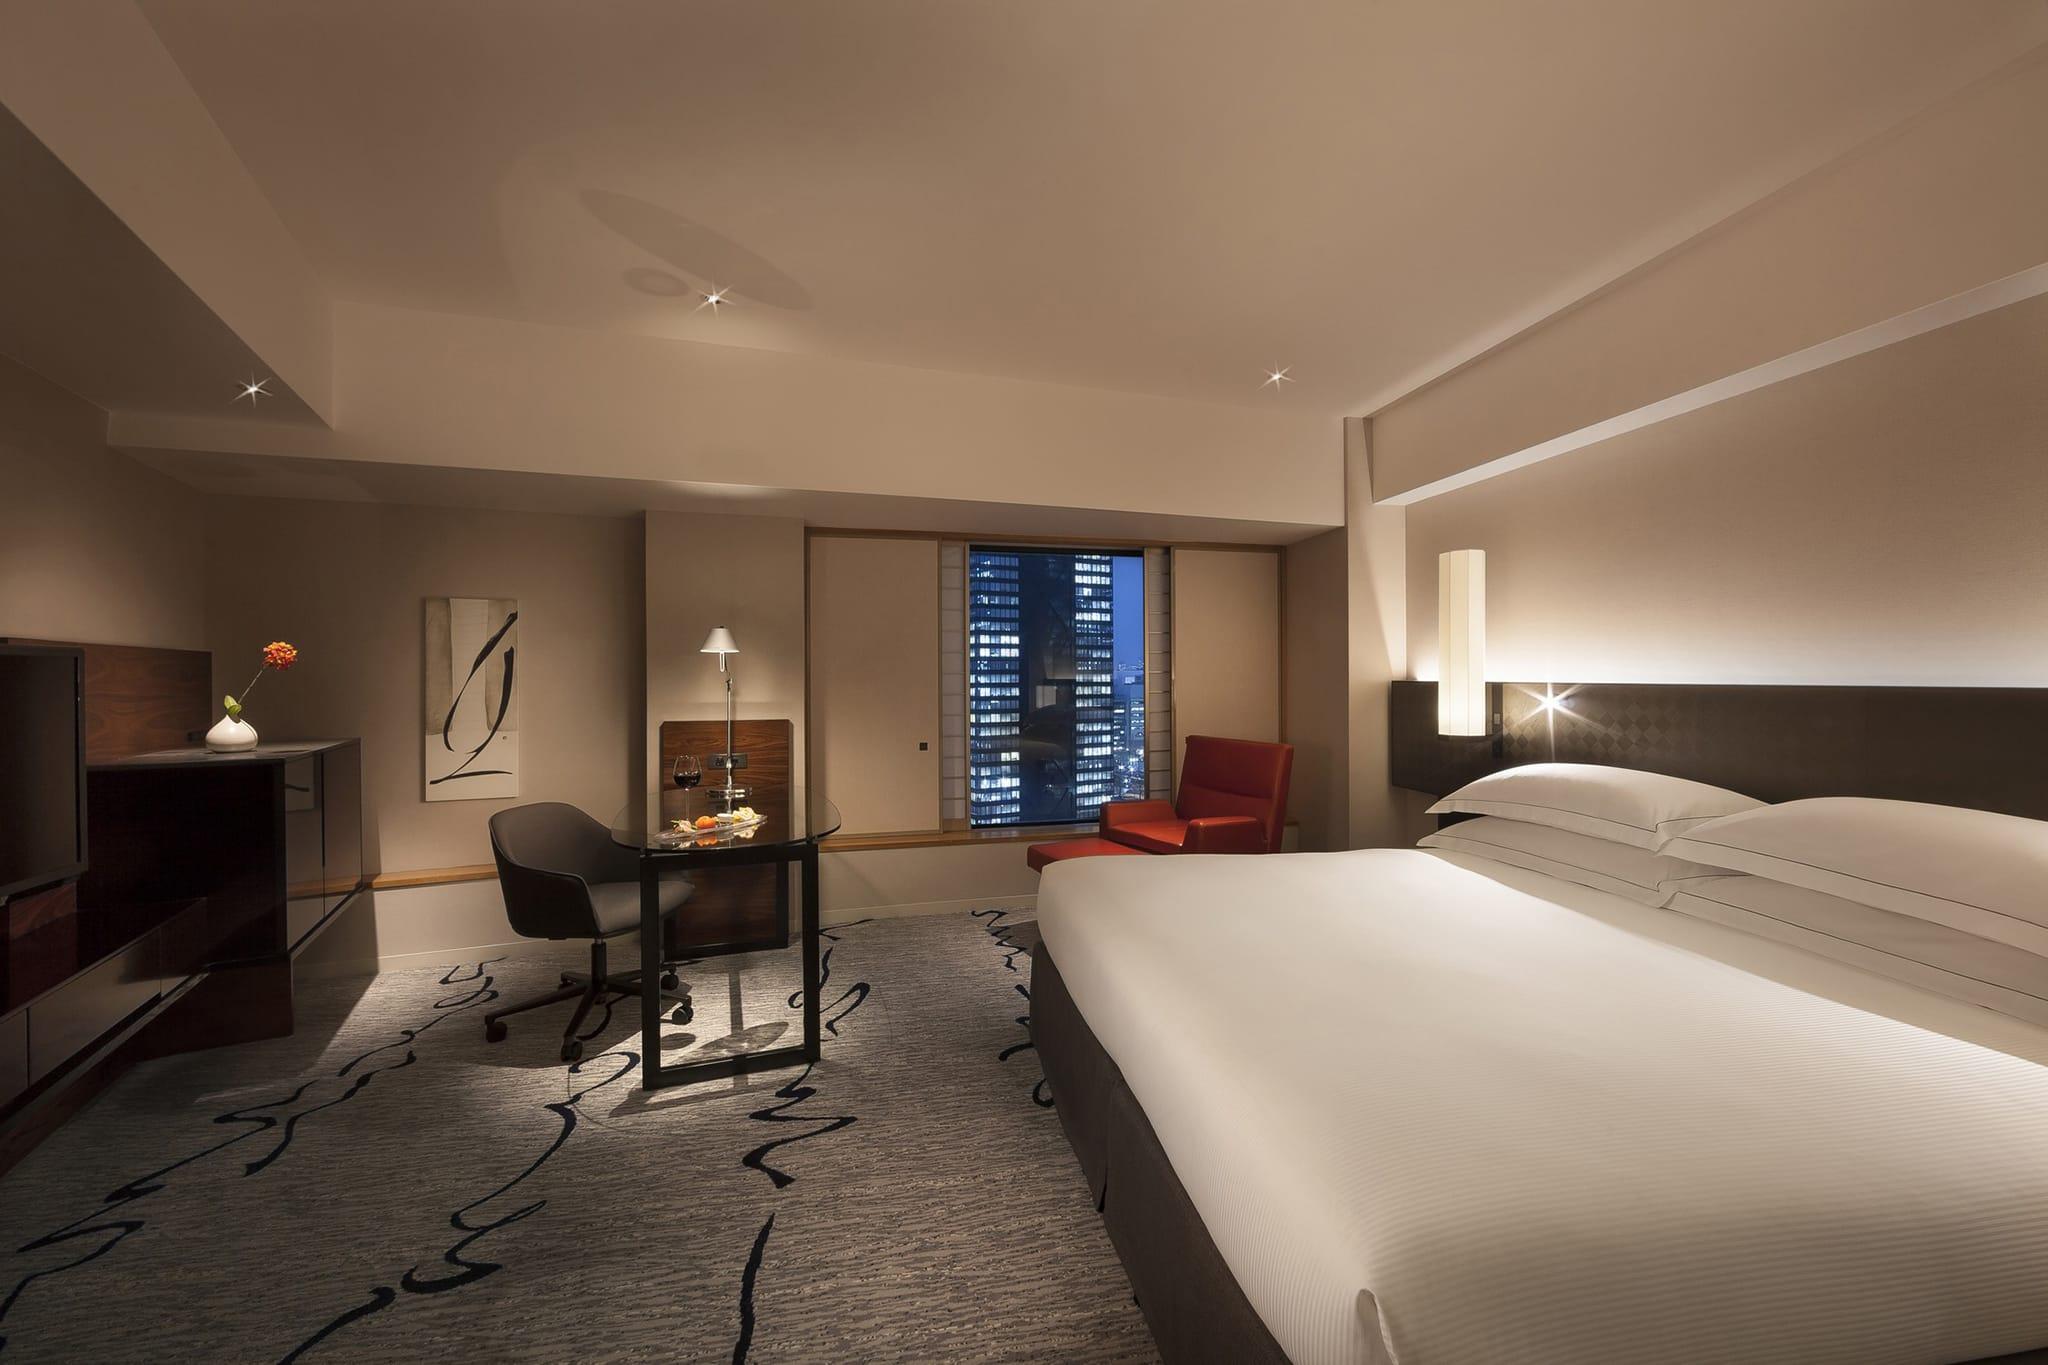 Schlafzimmer einrichten asiatisch bettw sche living fleuresse flanell ersatzteile f r - Schlafzimmer malerisch gestalten ...